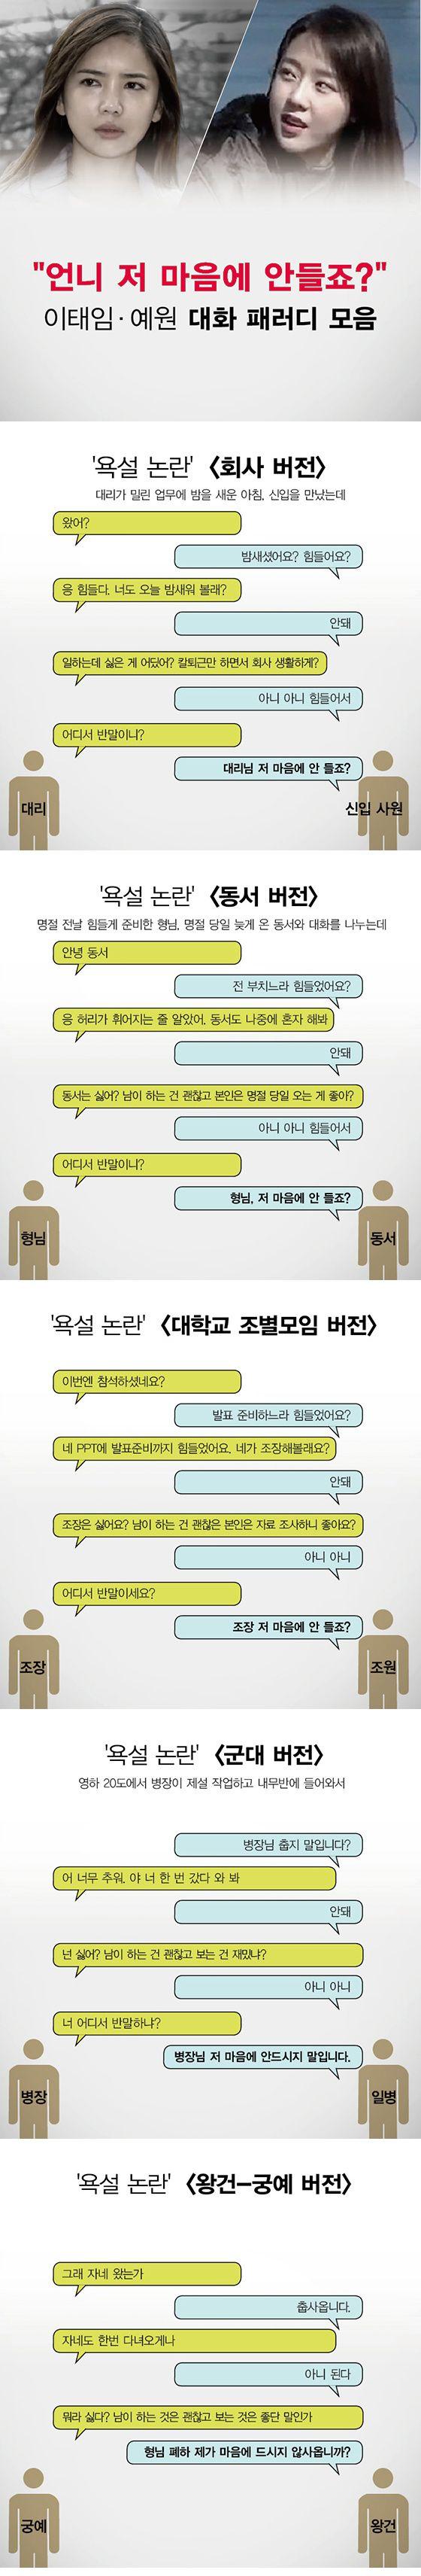 '이태임-예원 패러디' 확산! '회사'부터 '시댁 버전'까지